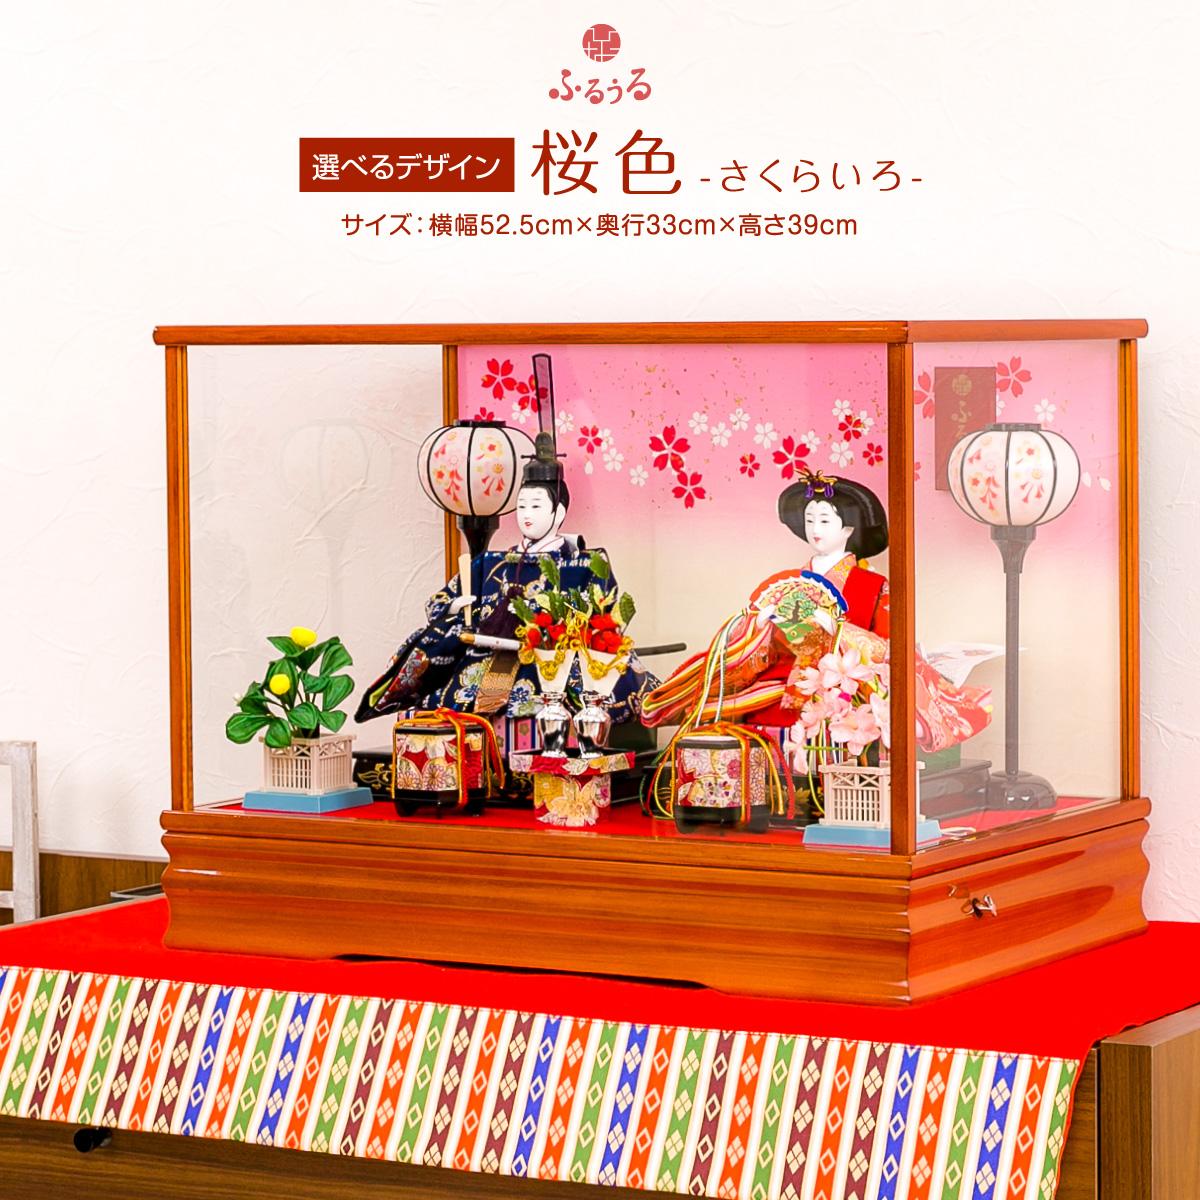 雛人形ケース飾り おひなさま FLEURケース飾り 桜色/二藍 選べる2種類 コンパクト 特選